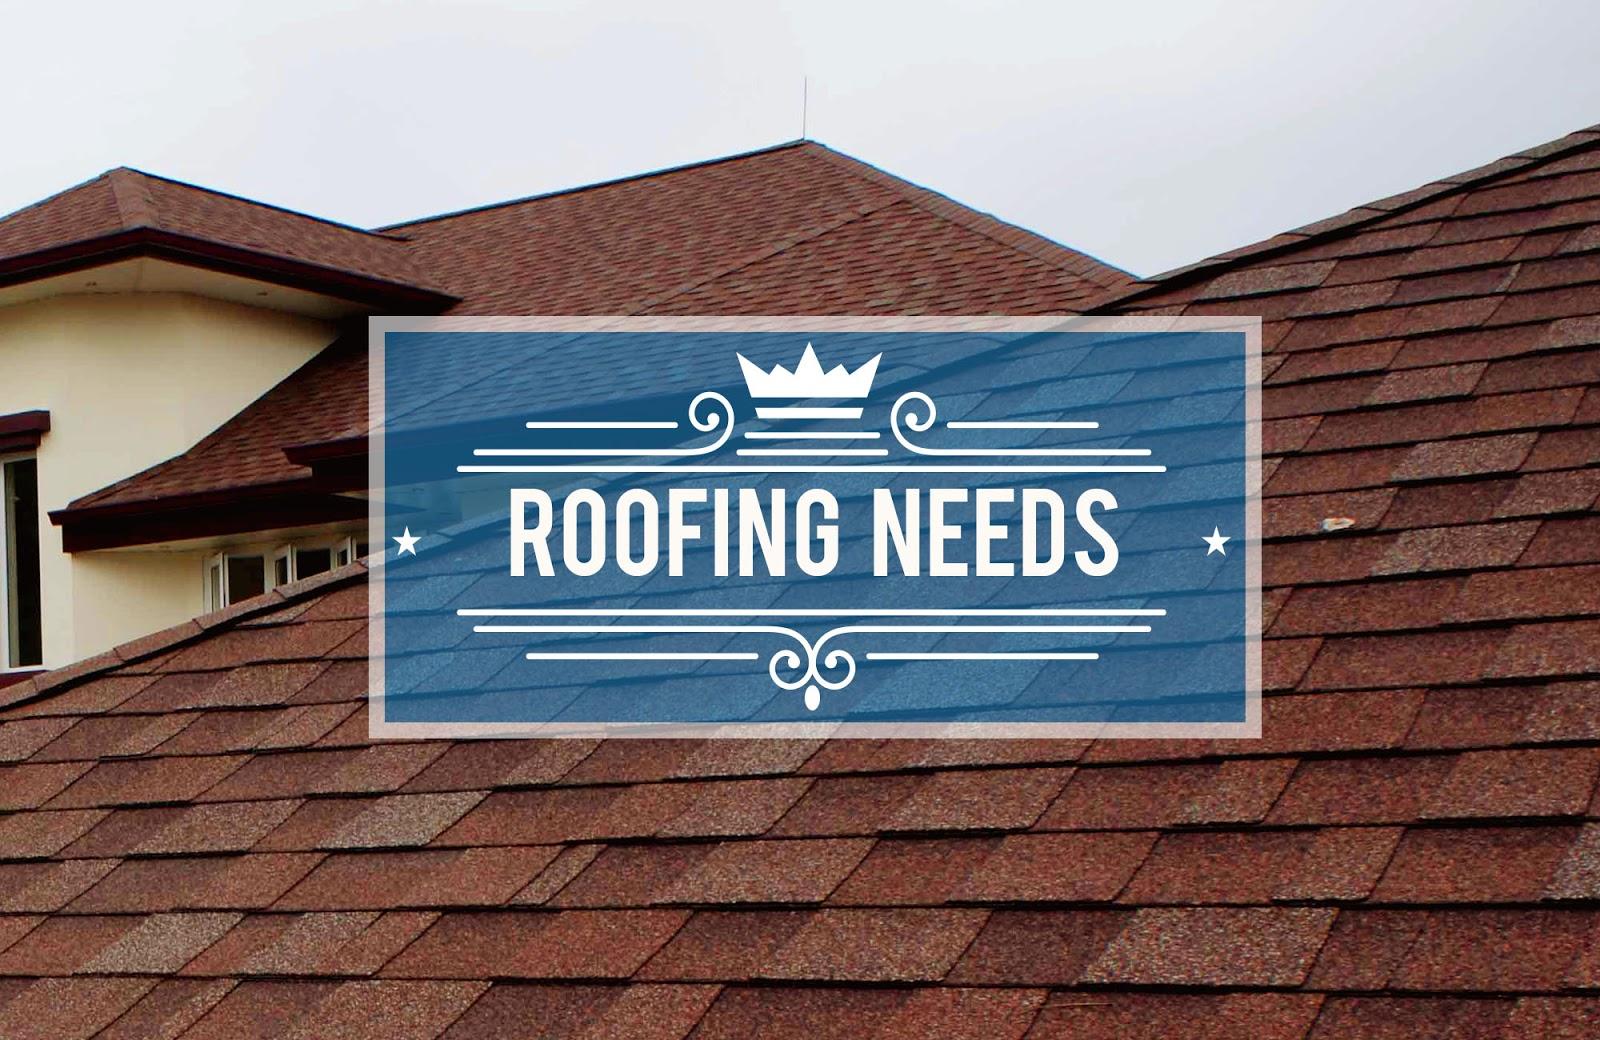 jual genteng atap surabaya berkualitas ud sahabat baliwerti